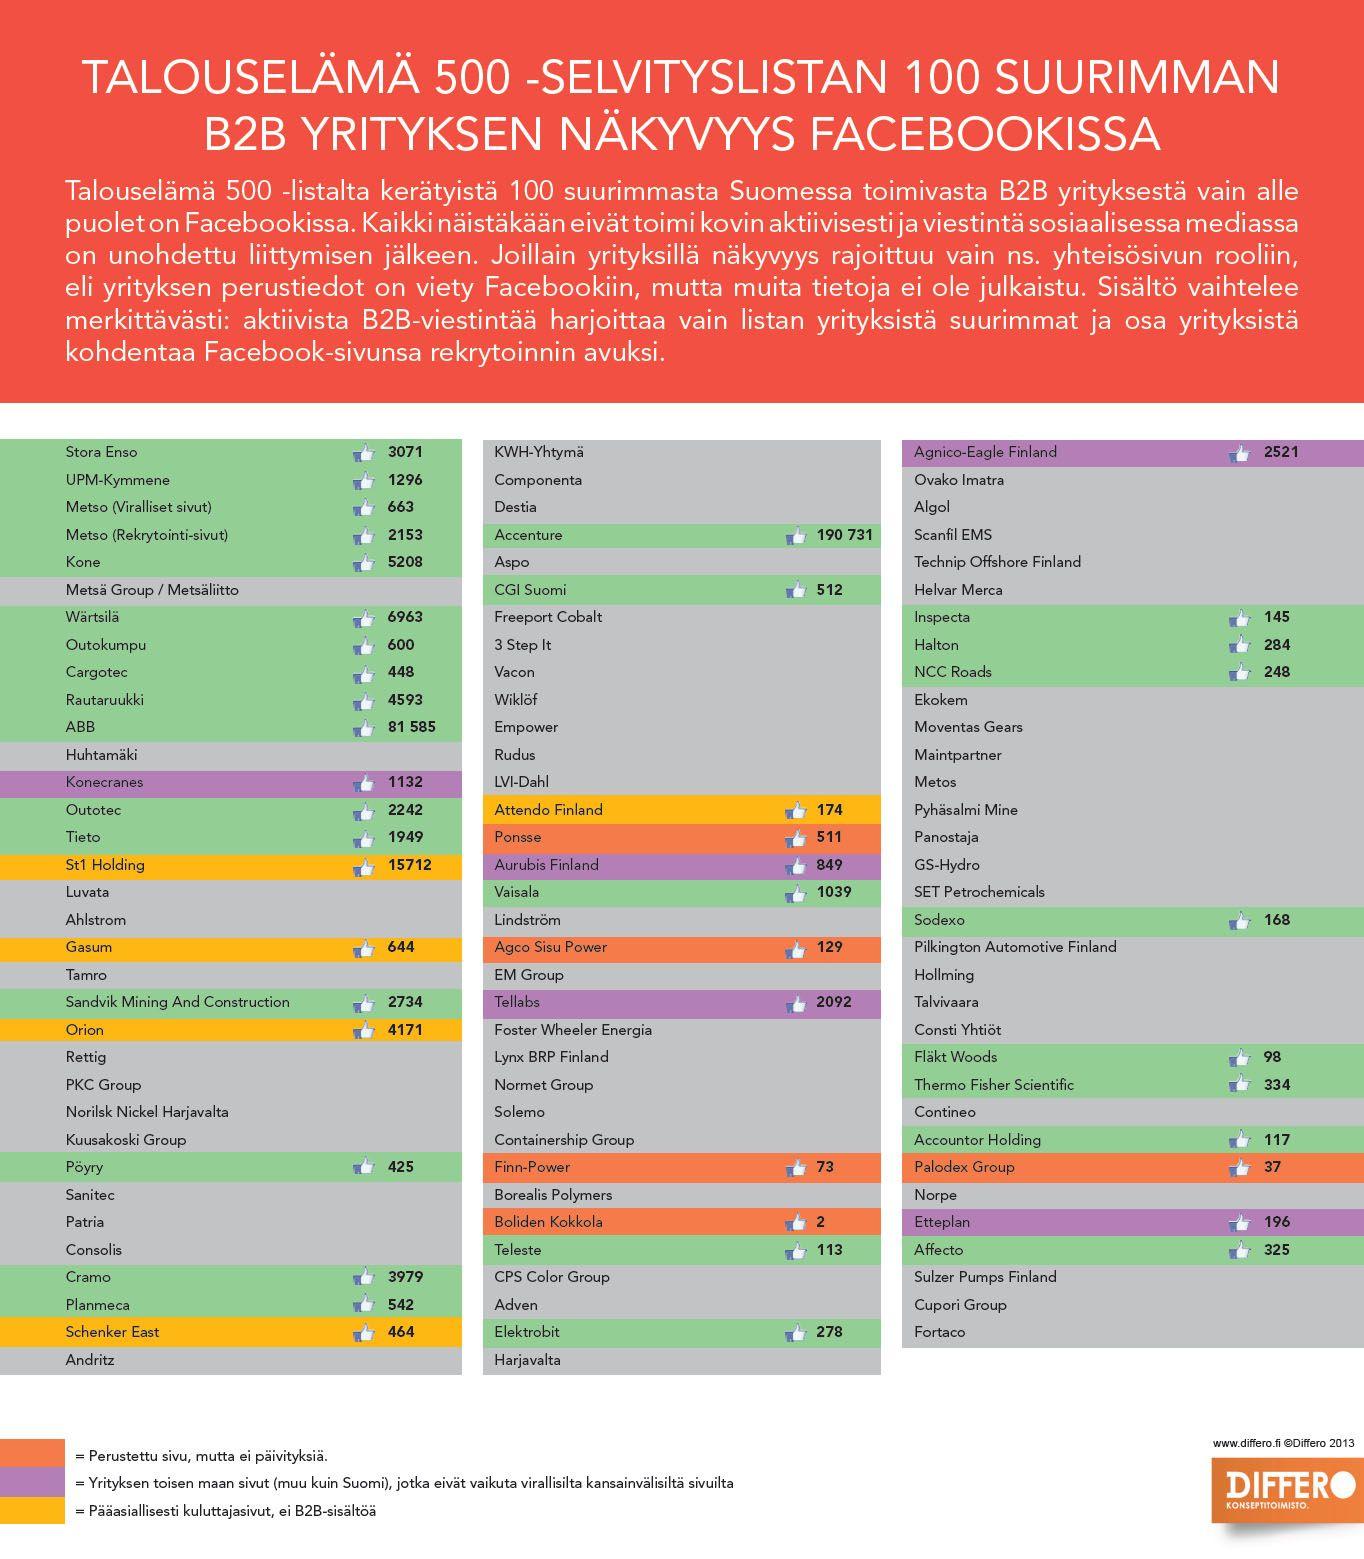 Suomalaiset TOP100 B2B-yritykset Facebookissa. Differo selvitti, miten yritykset hyödyntävät sosiaalista mediaa.